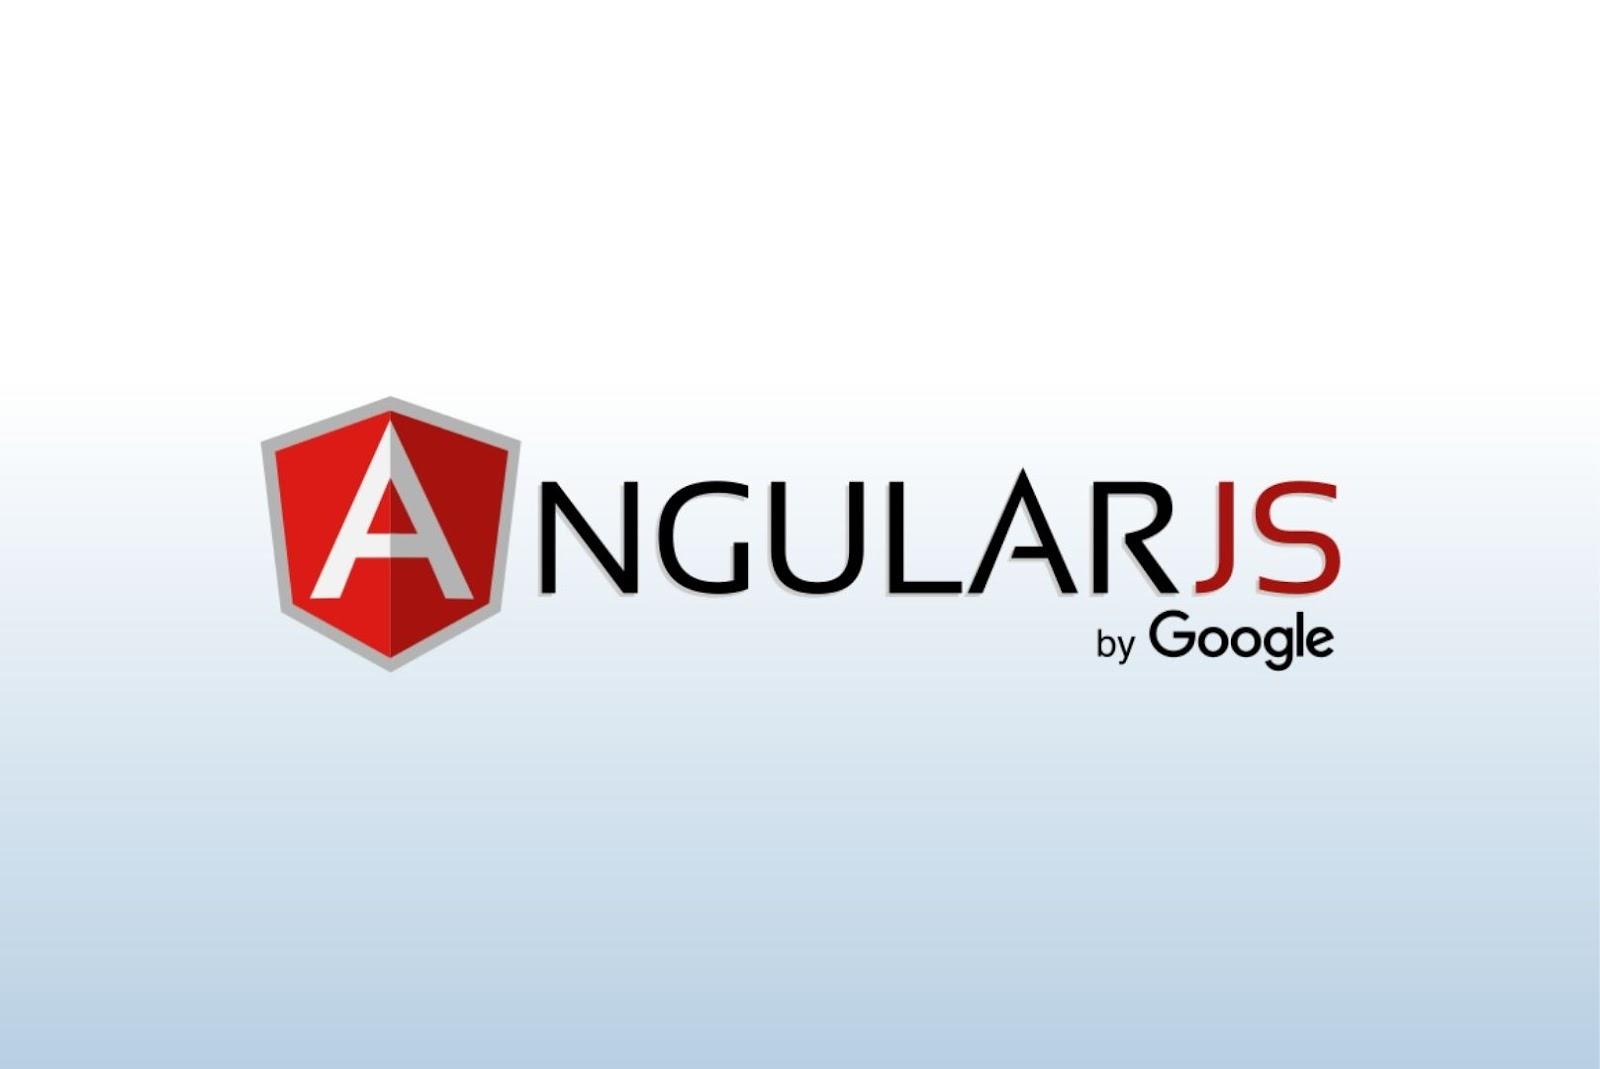 Angular js Top Front-End JavaScript Frameworks